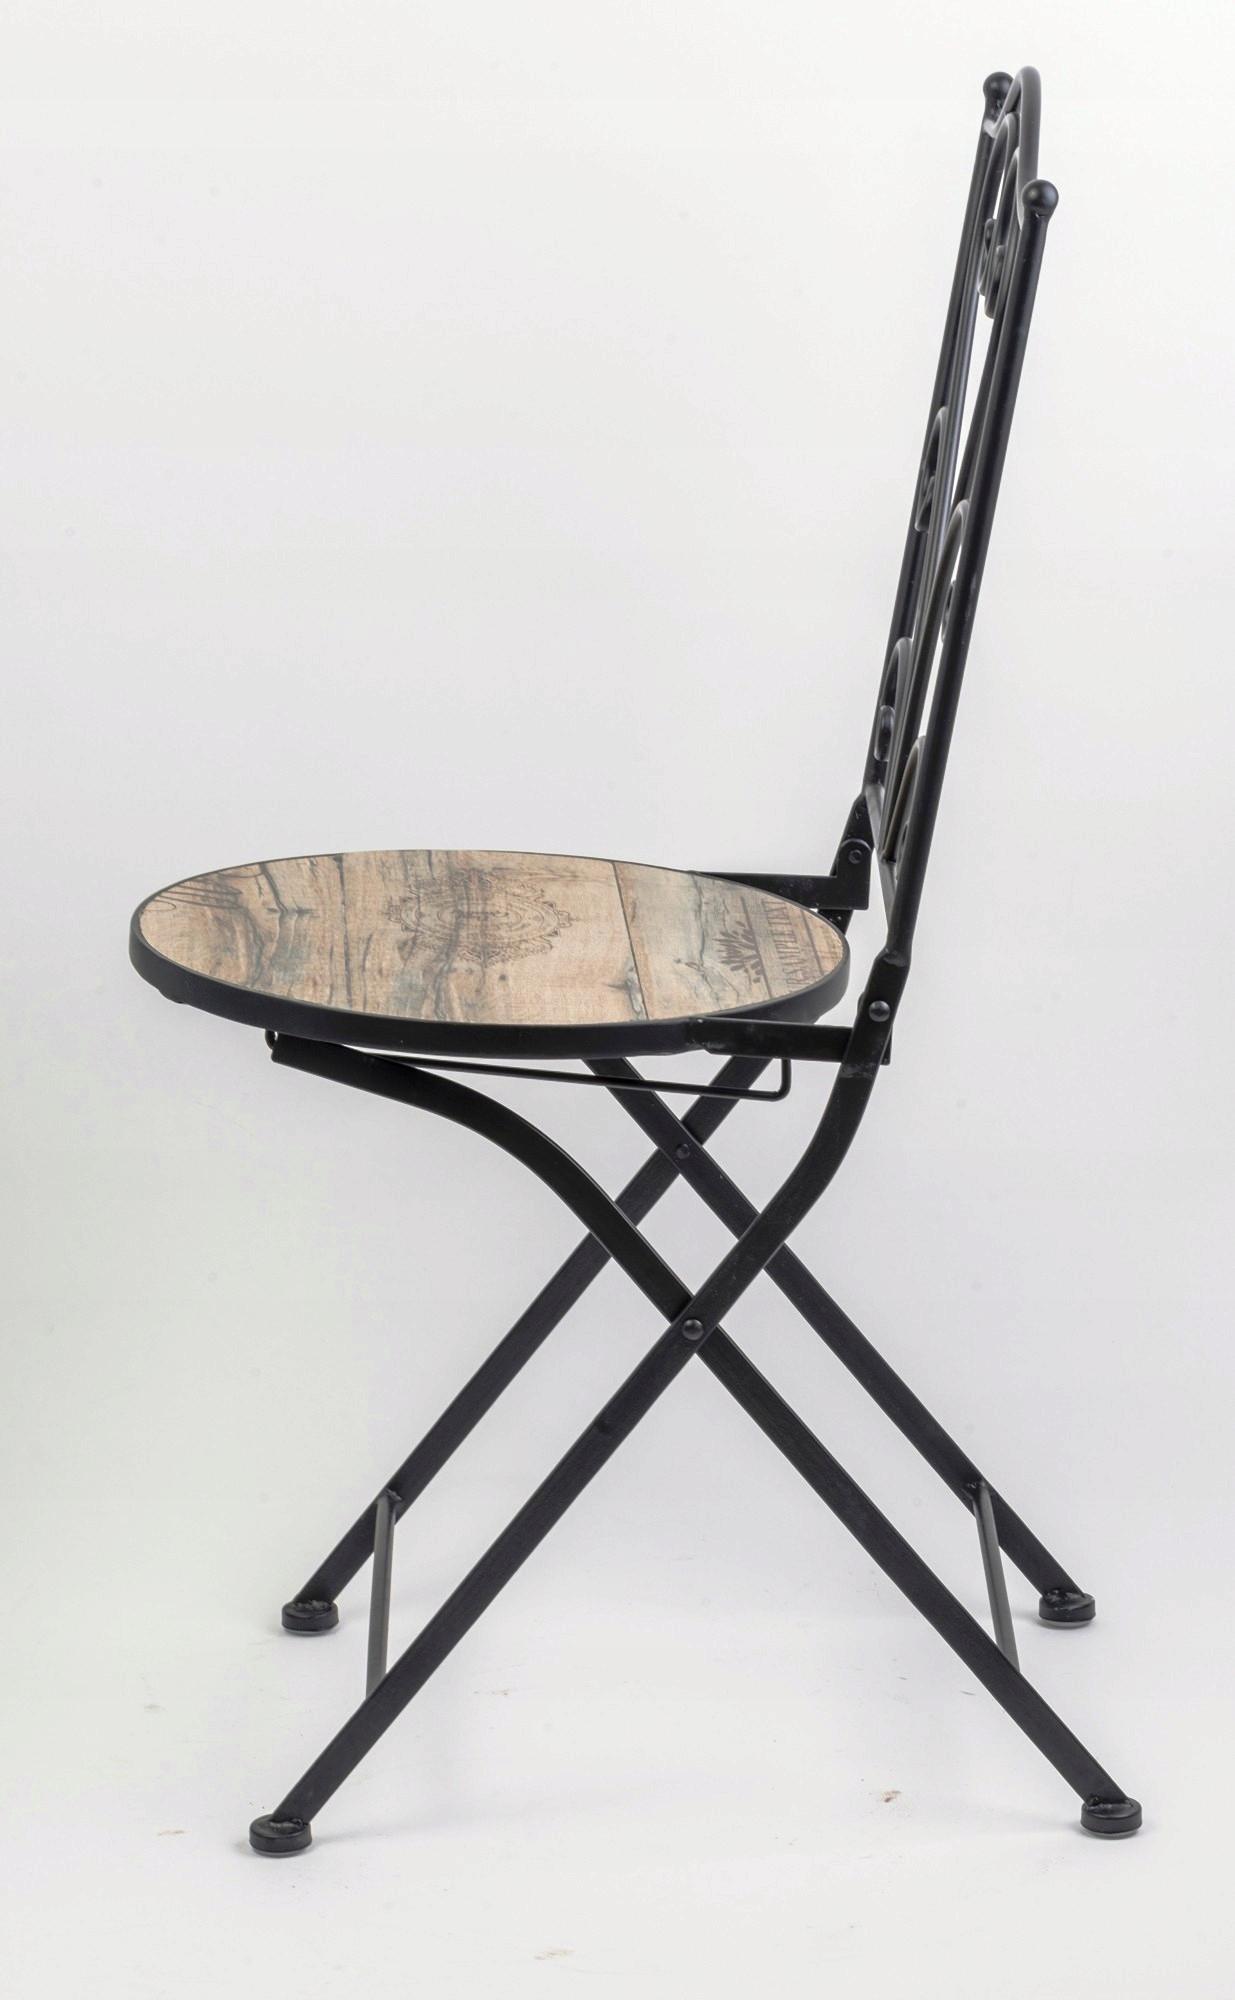 záhradný nábytok, stôl, 2 stoličky, kovanie, súprava Kód produktu 130081 130082